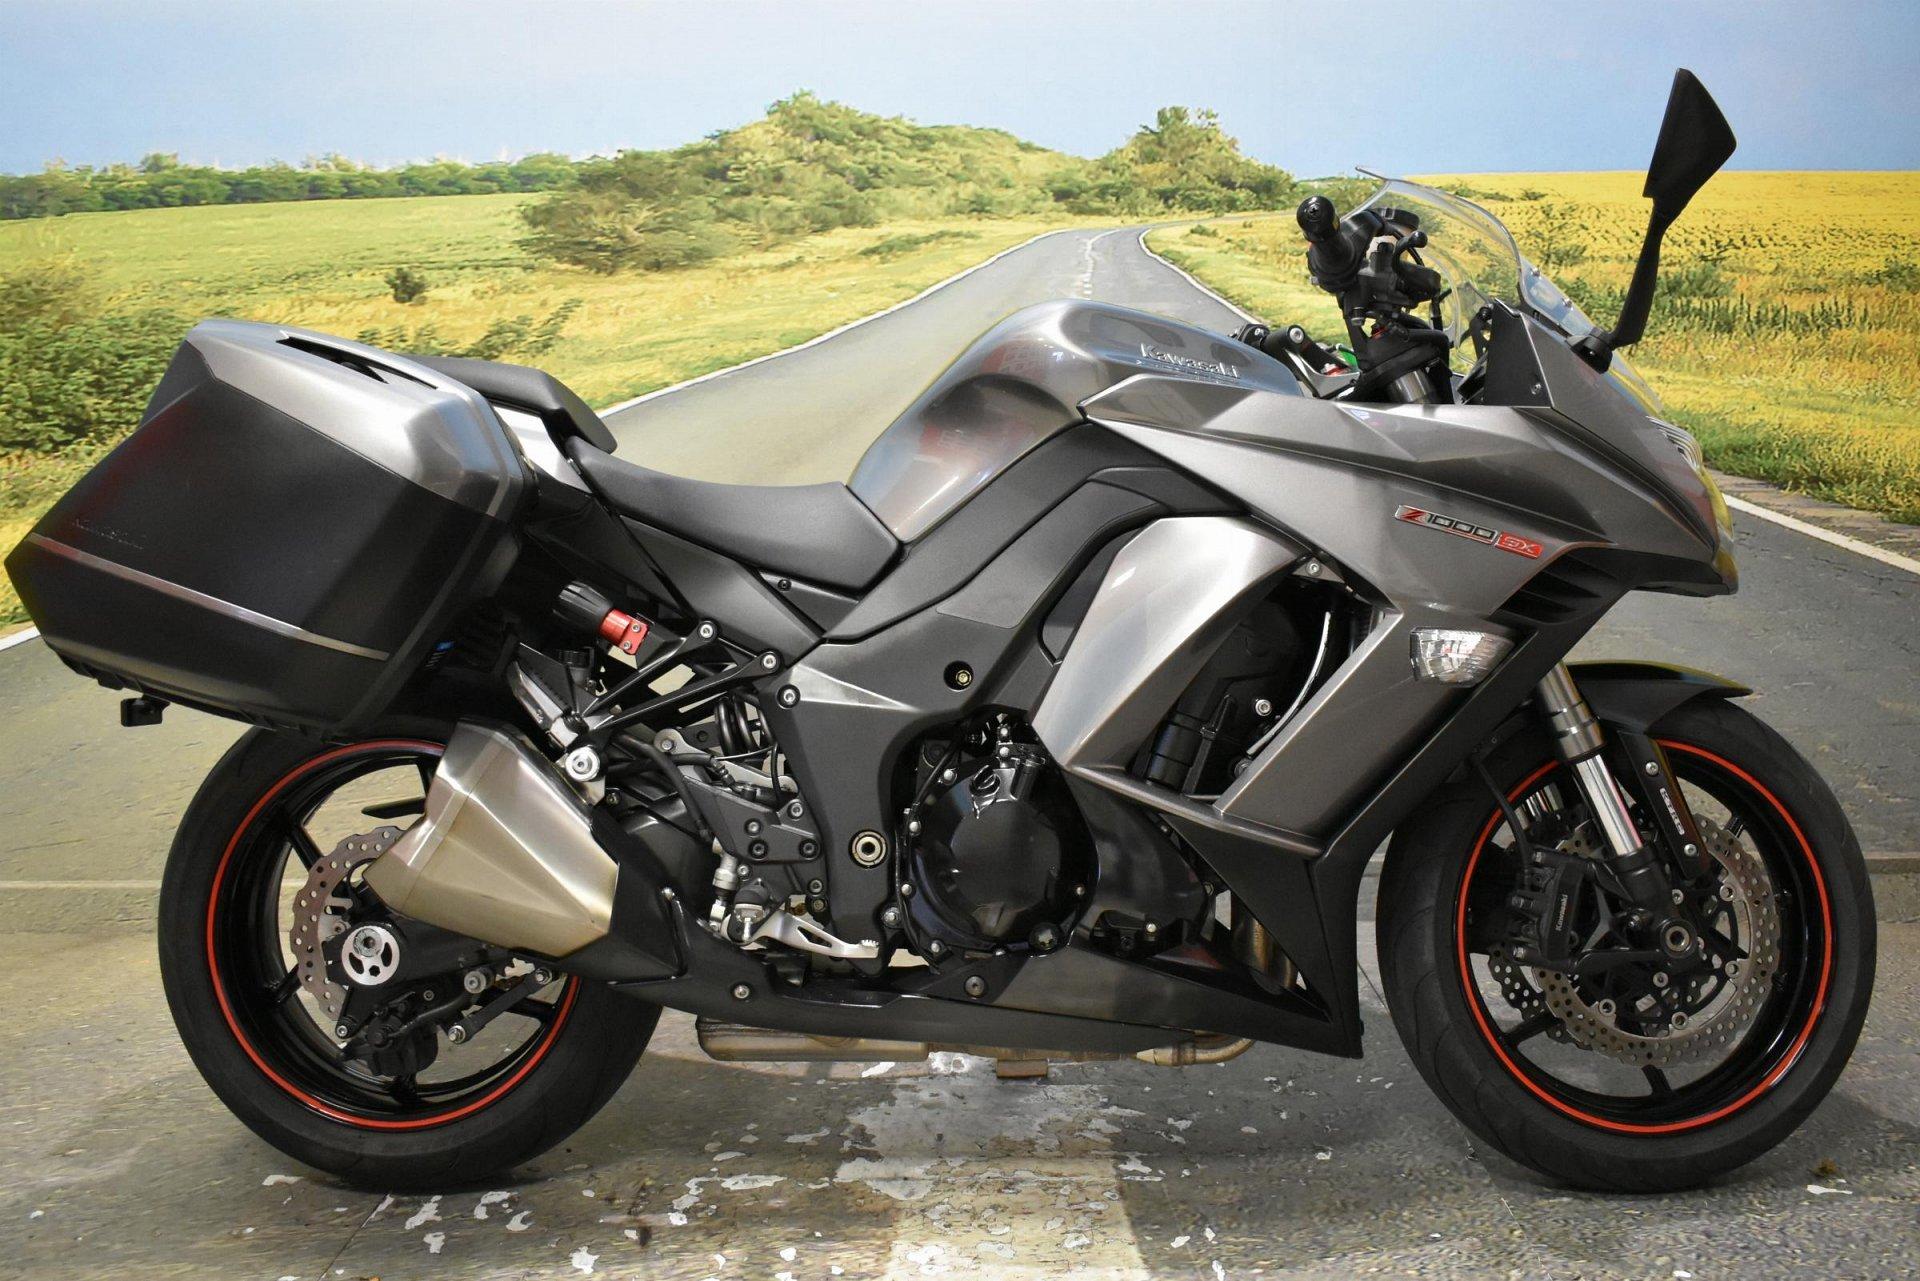 2014 Kawasaki Z1000SX for sale in Derbyshire